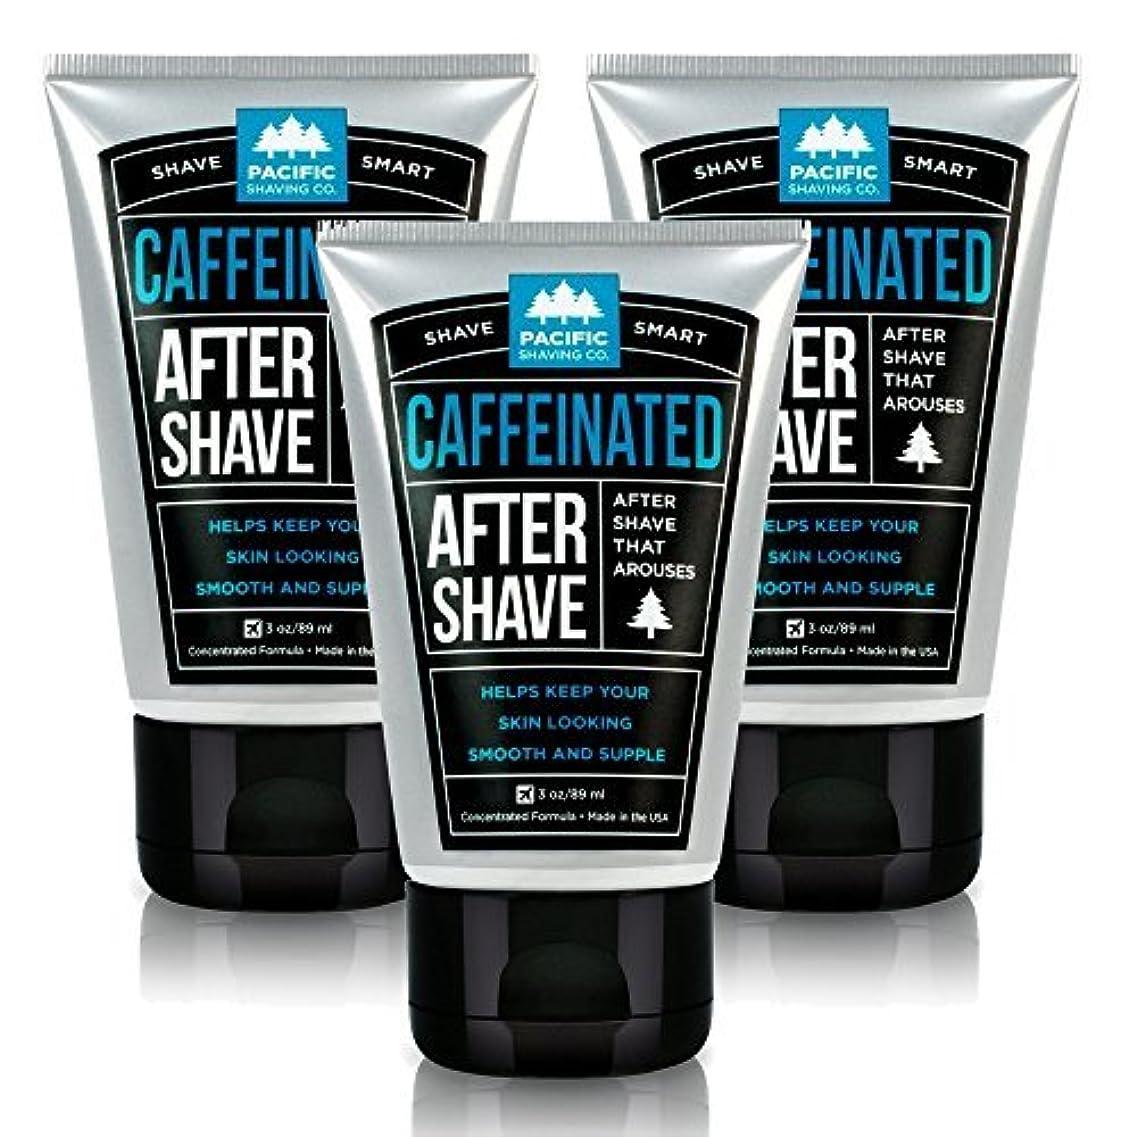 水星ショップグリーンバックPacific Shaving Company Caffeinated Aftershave 3 Pack [並行輸入品]